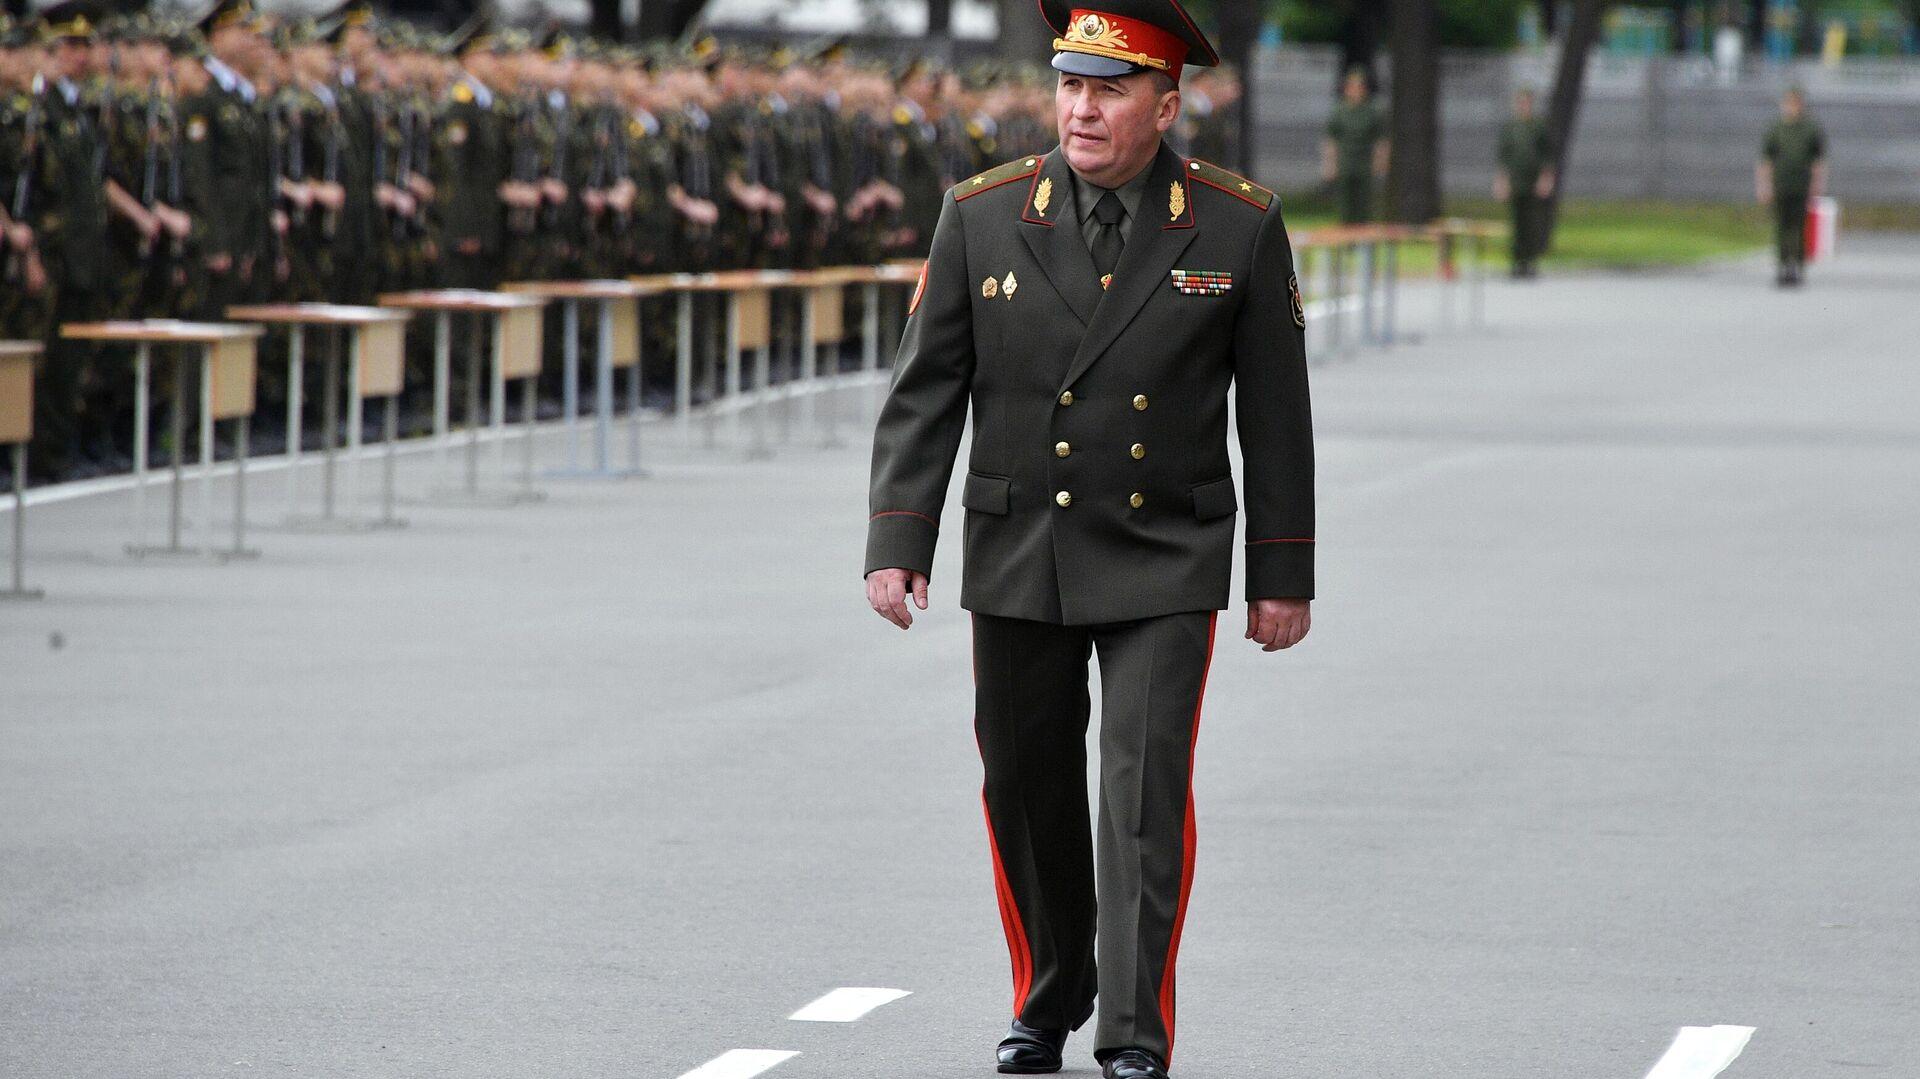 Министр обороны Республики Беларусь Виктор Хренин - РИА Новости, 1920, 23.06.2021